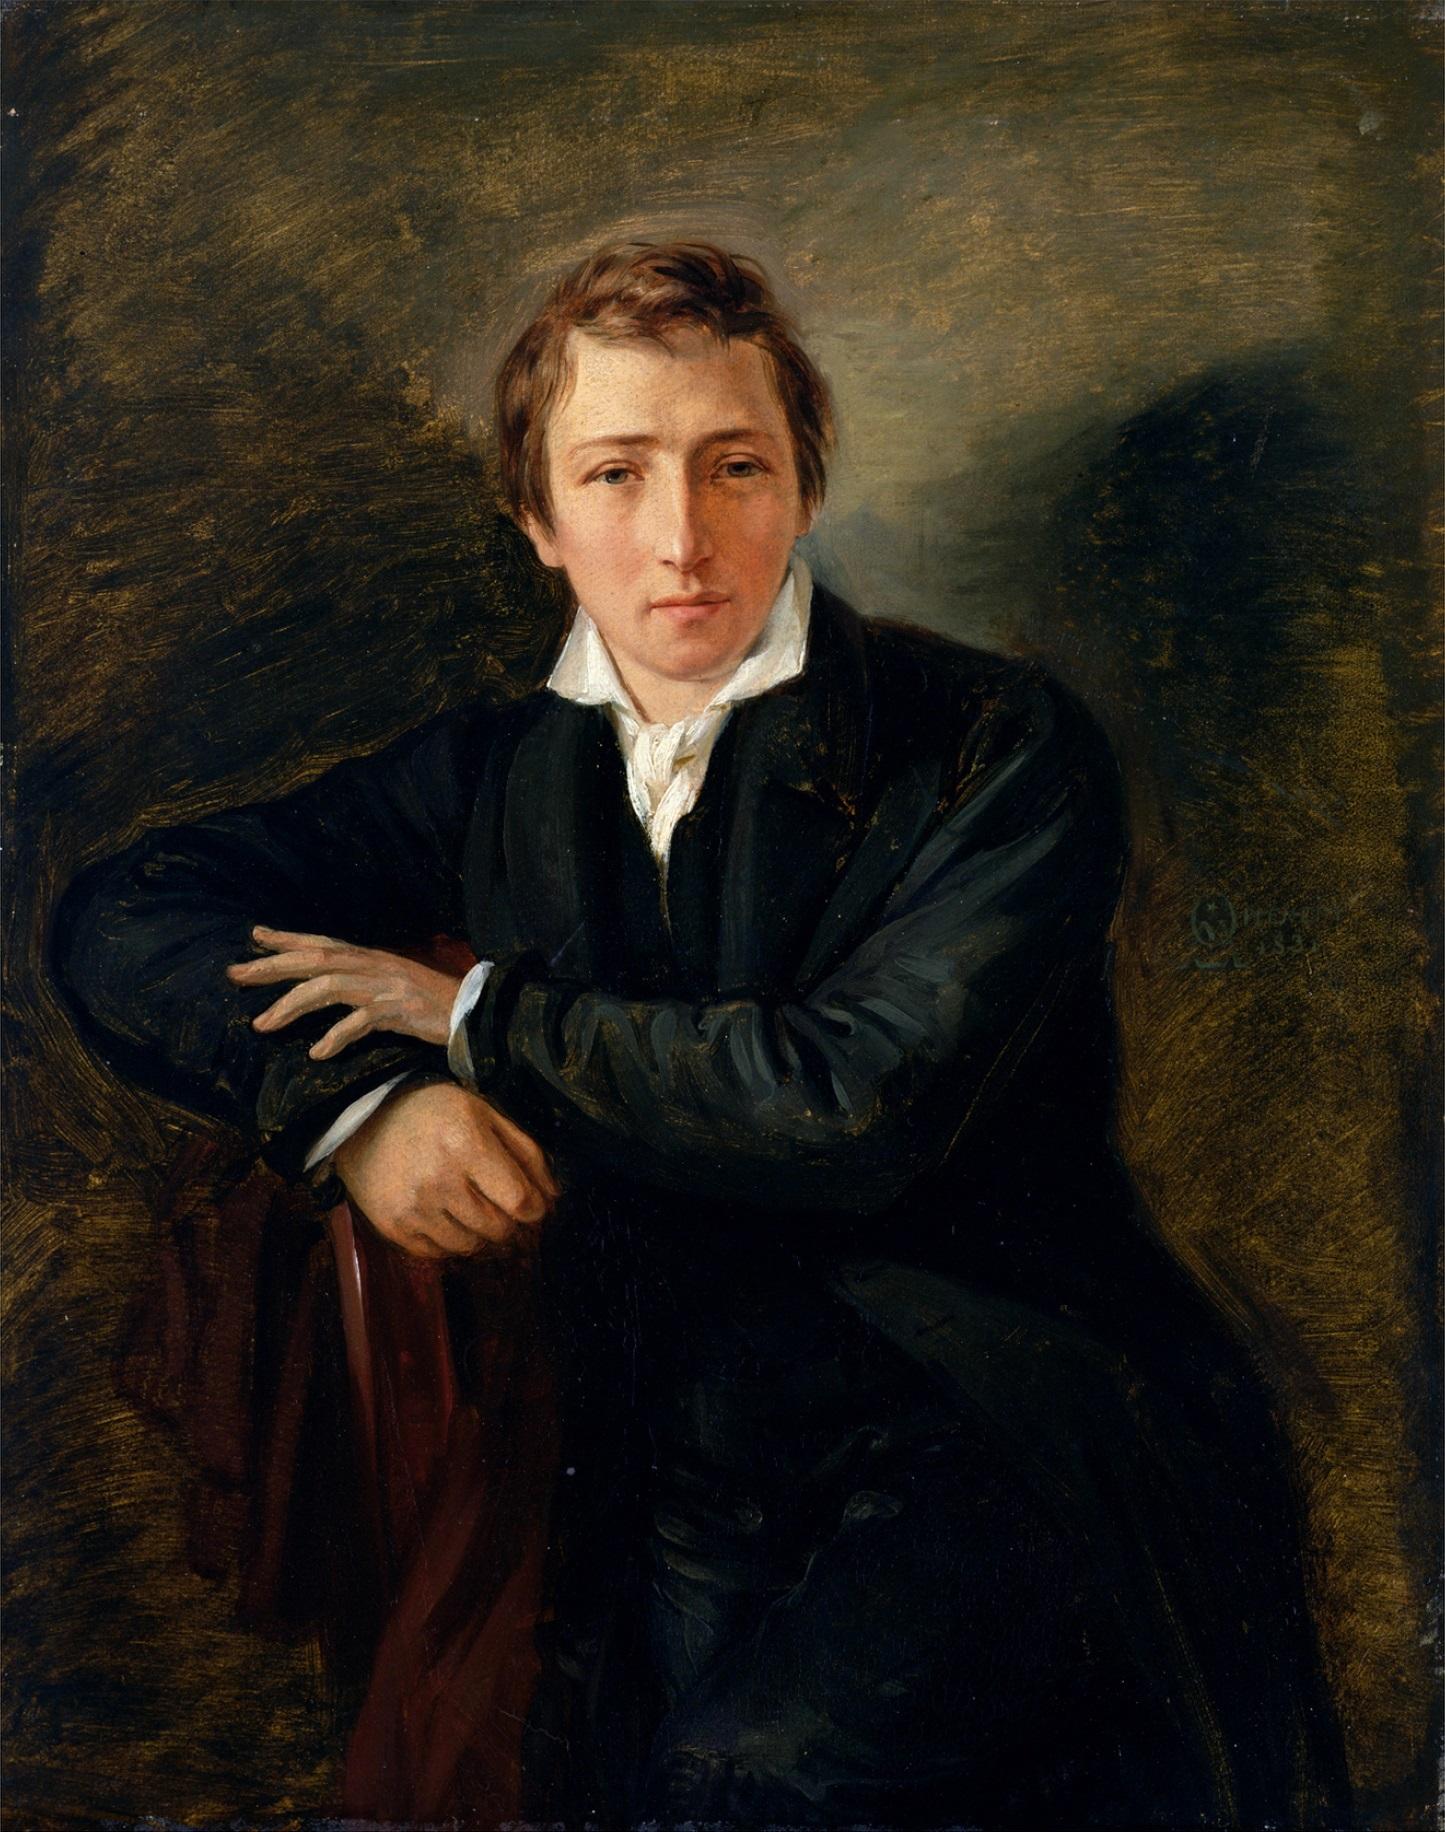 Heinrich Heine (46)